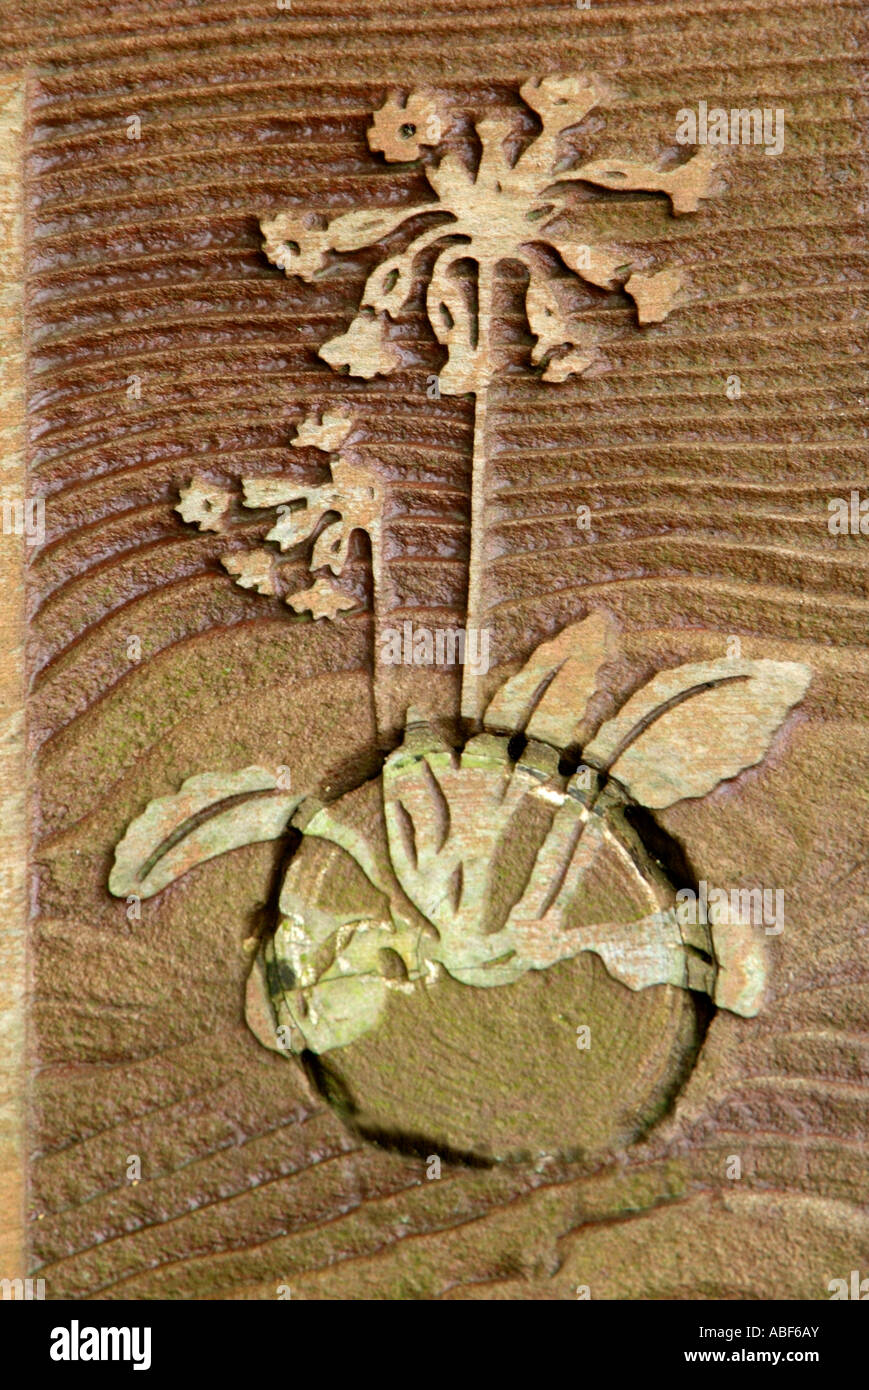 Primula veris coucou bleu fleur sauvage wood grain British UK brun nature symbole sculpture haut-relief naturel sign Banque D'Images